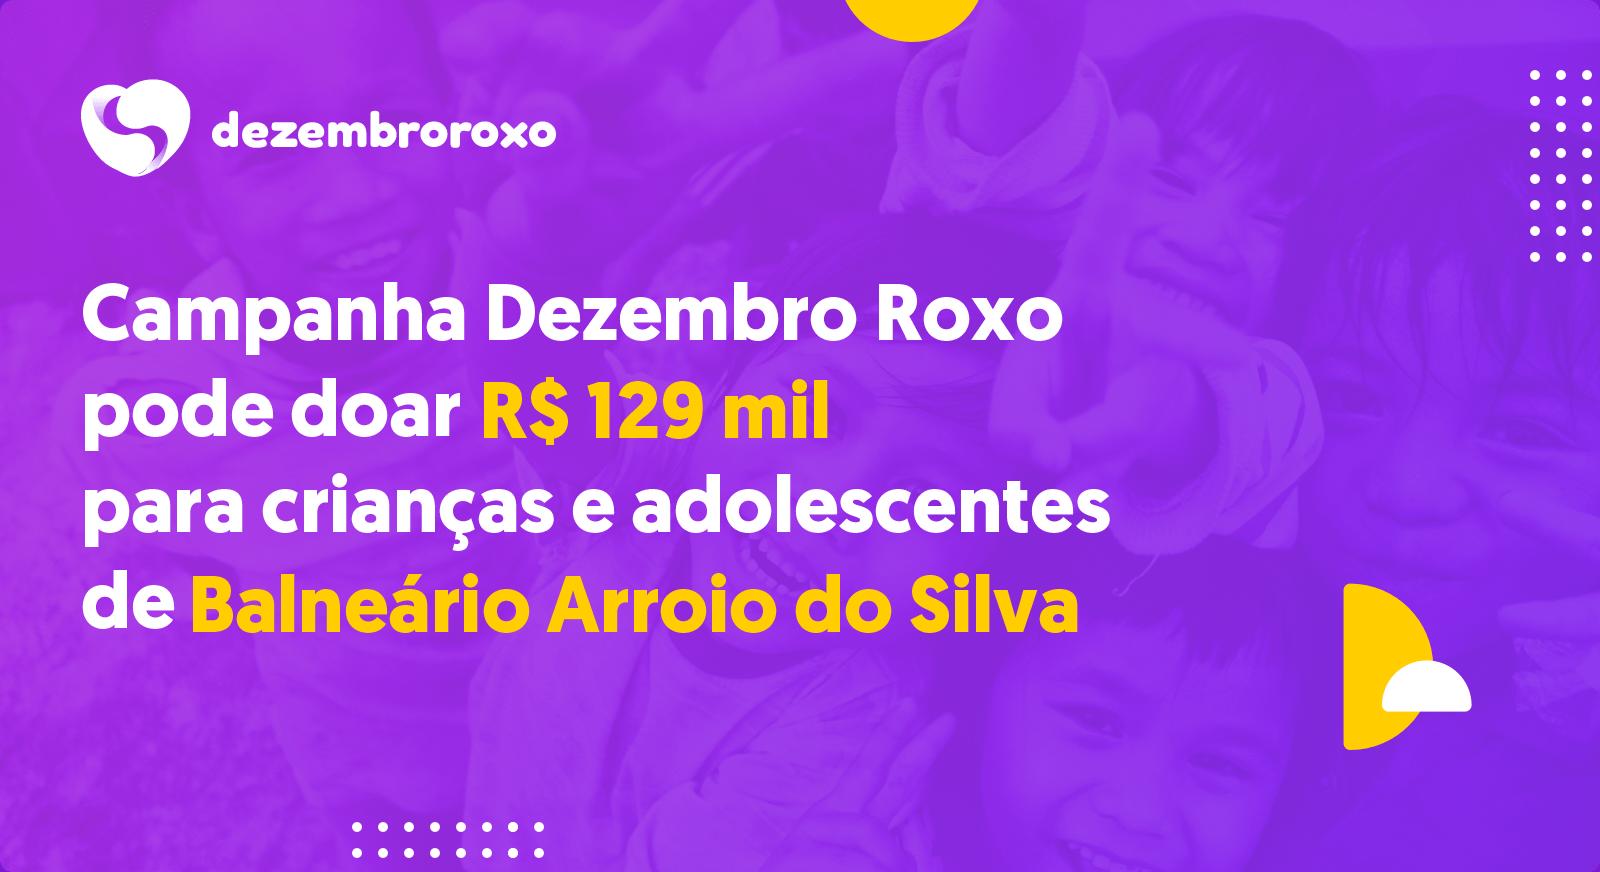 Doações em Balneário Arroio do Silva - SC